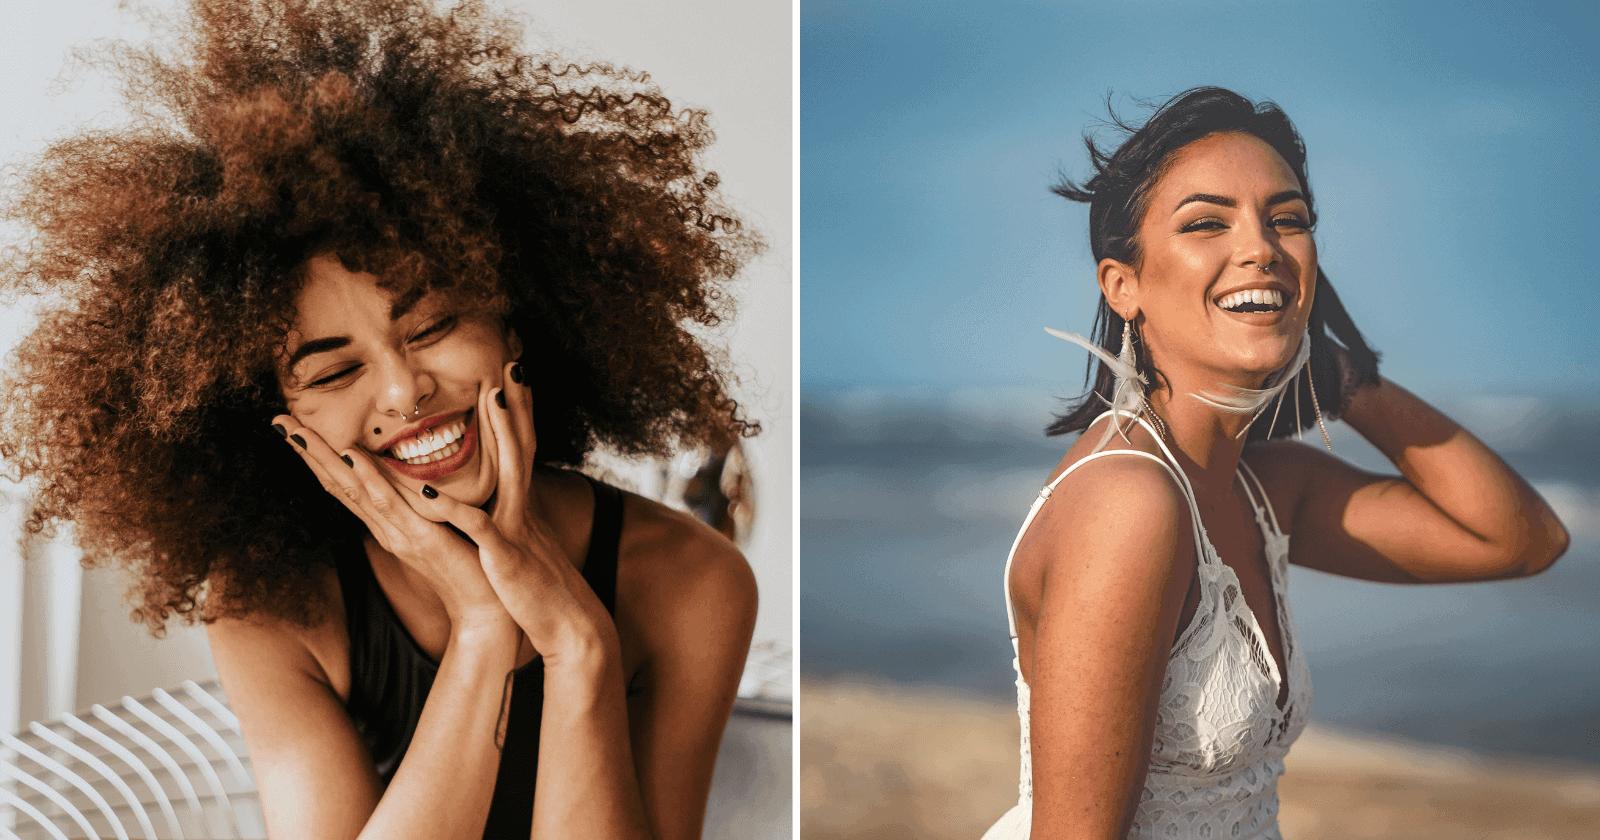 160 Legendas PERFEITAS para Fotos Sorrindo: as mais criativas!